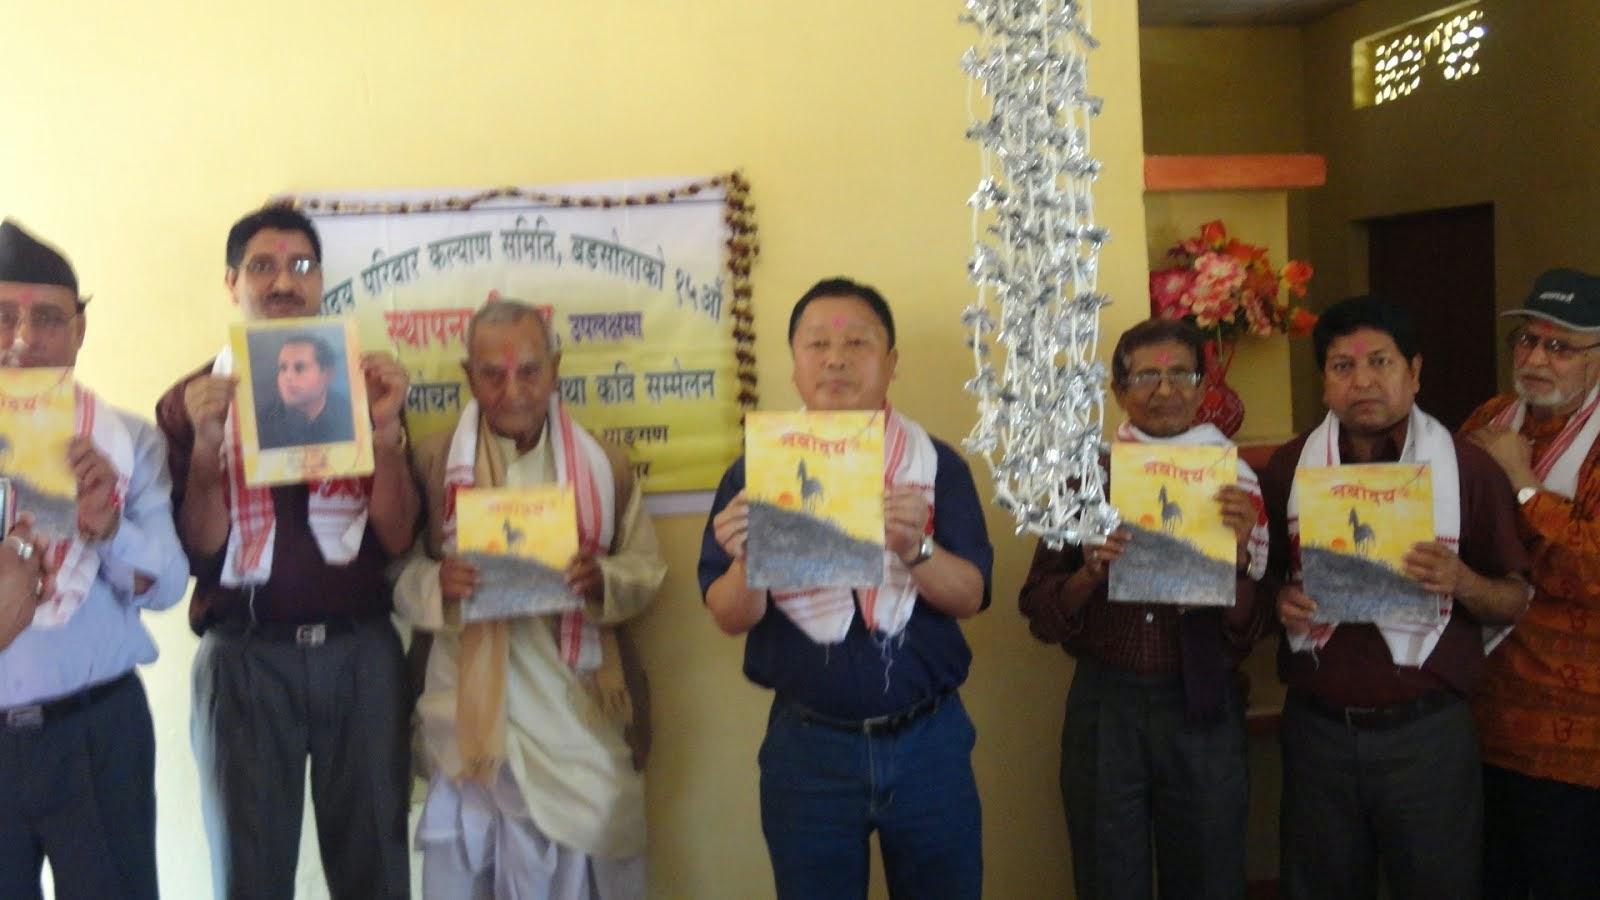 बड्सोला, शोणितपुर, असममा आयोजित नवोदय परिवार कल्याण समितिको पन्ध्रौं स्थापना दिवस, 16 मार्च 2014